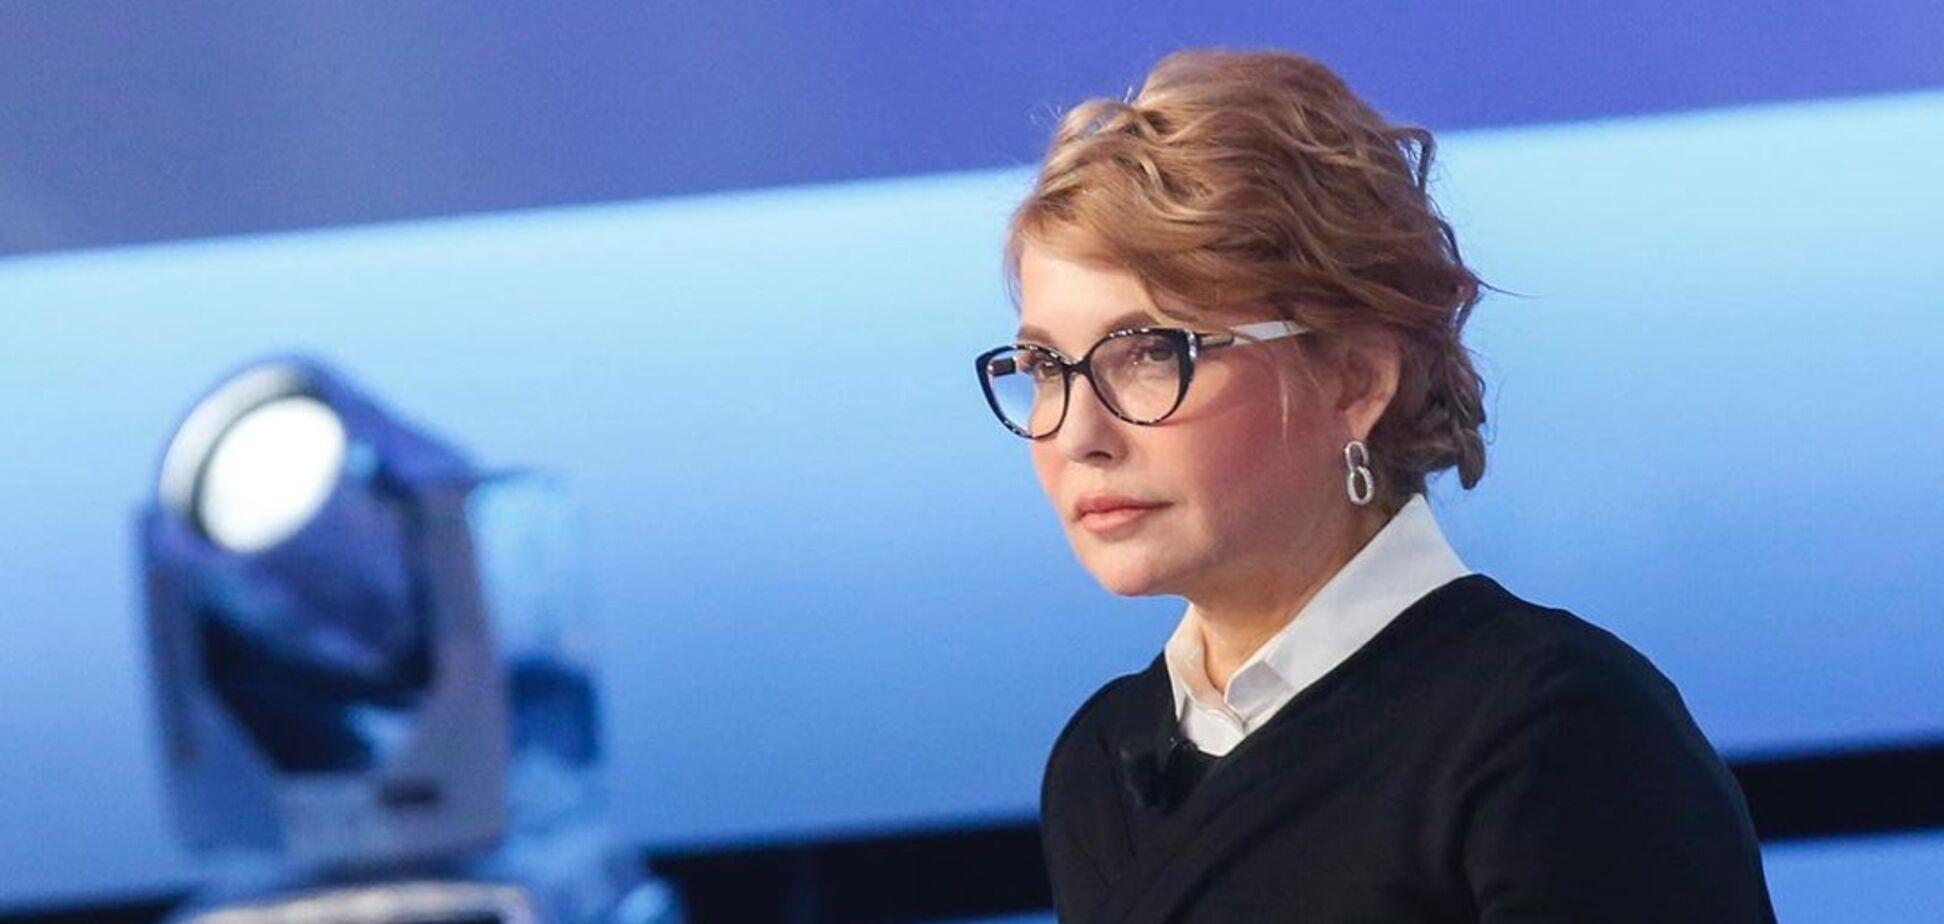 Лидер партии 'Батьківщина' Юлия Тимошенко